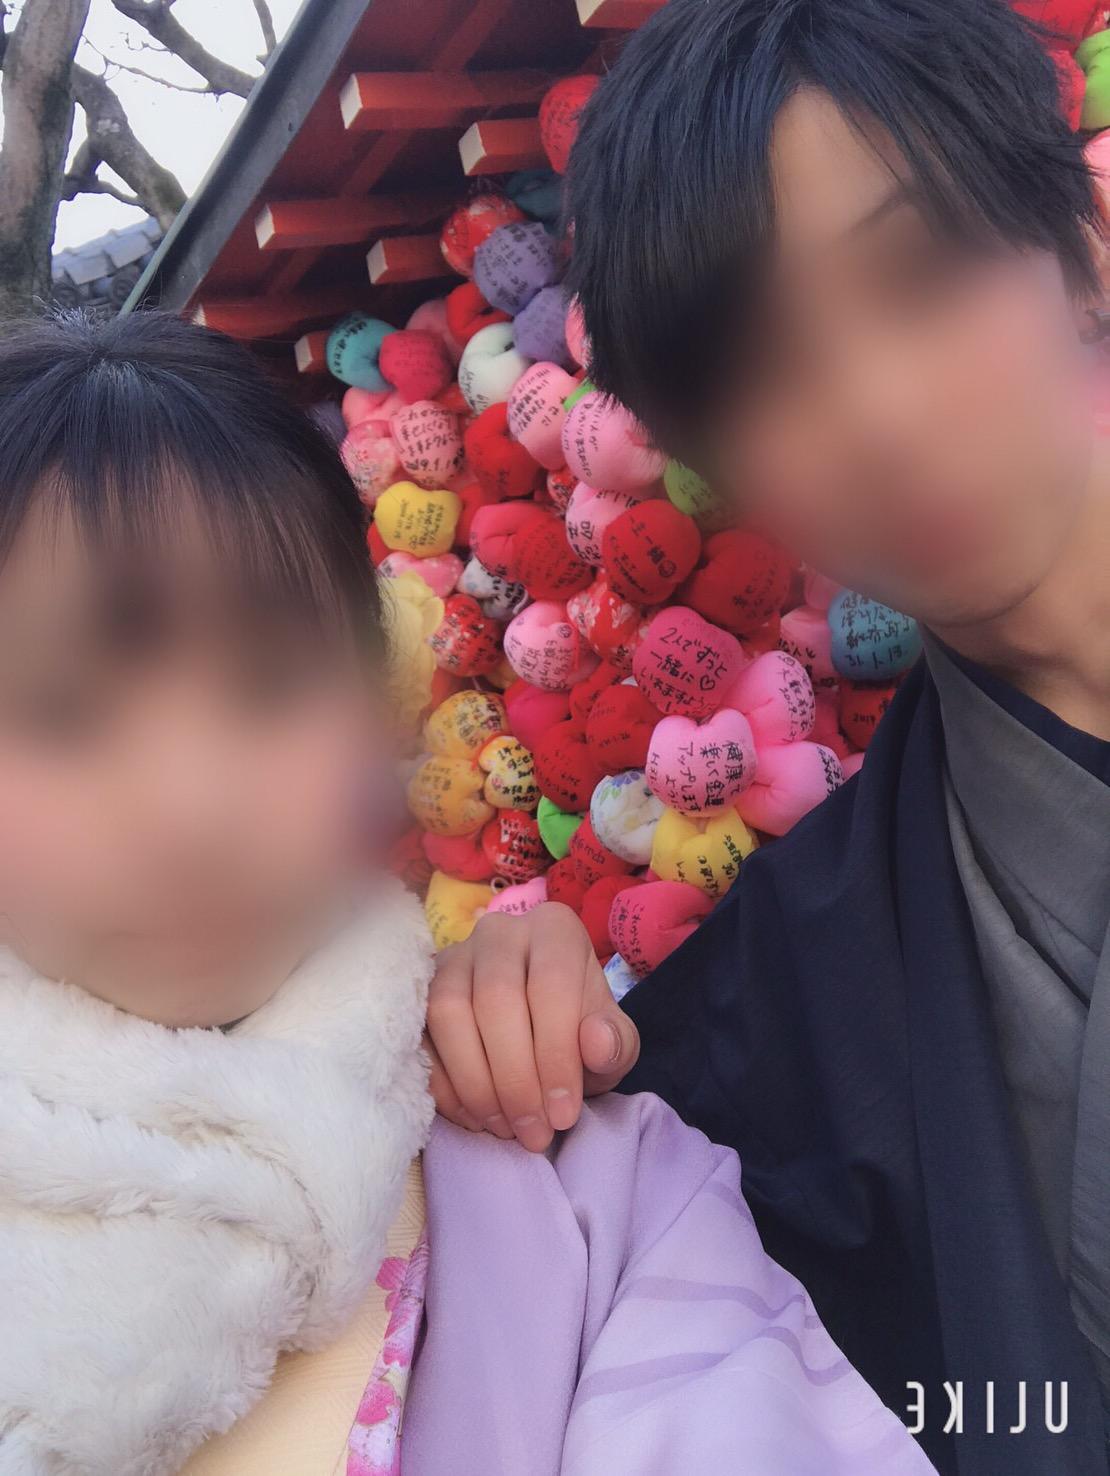 人気衰えない八坂庚申堂2019年1月27日4